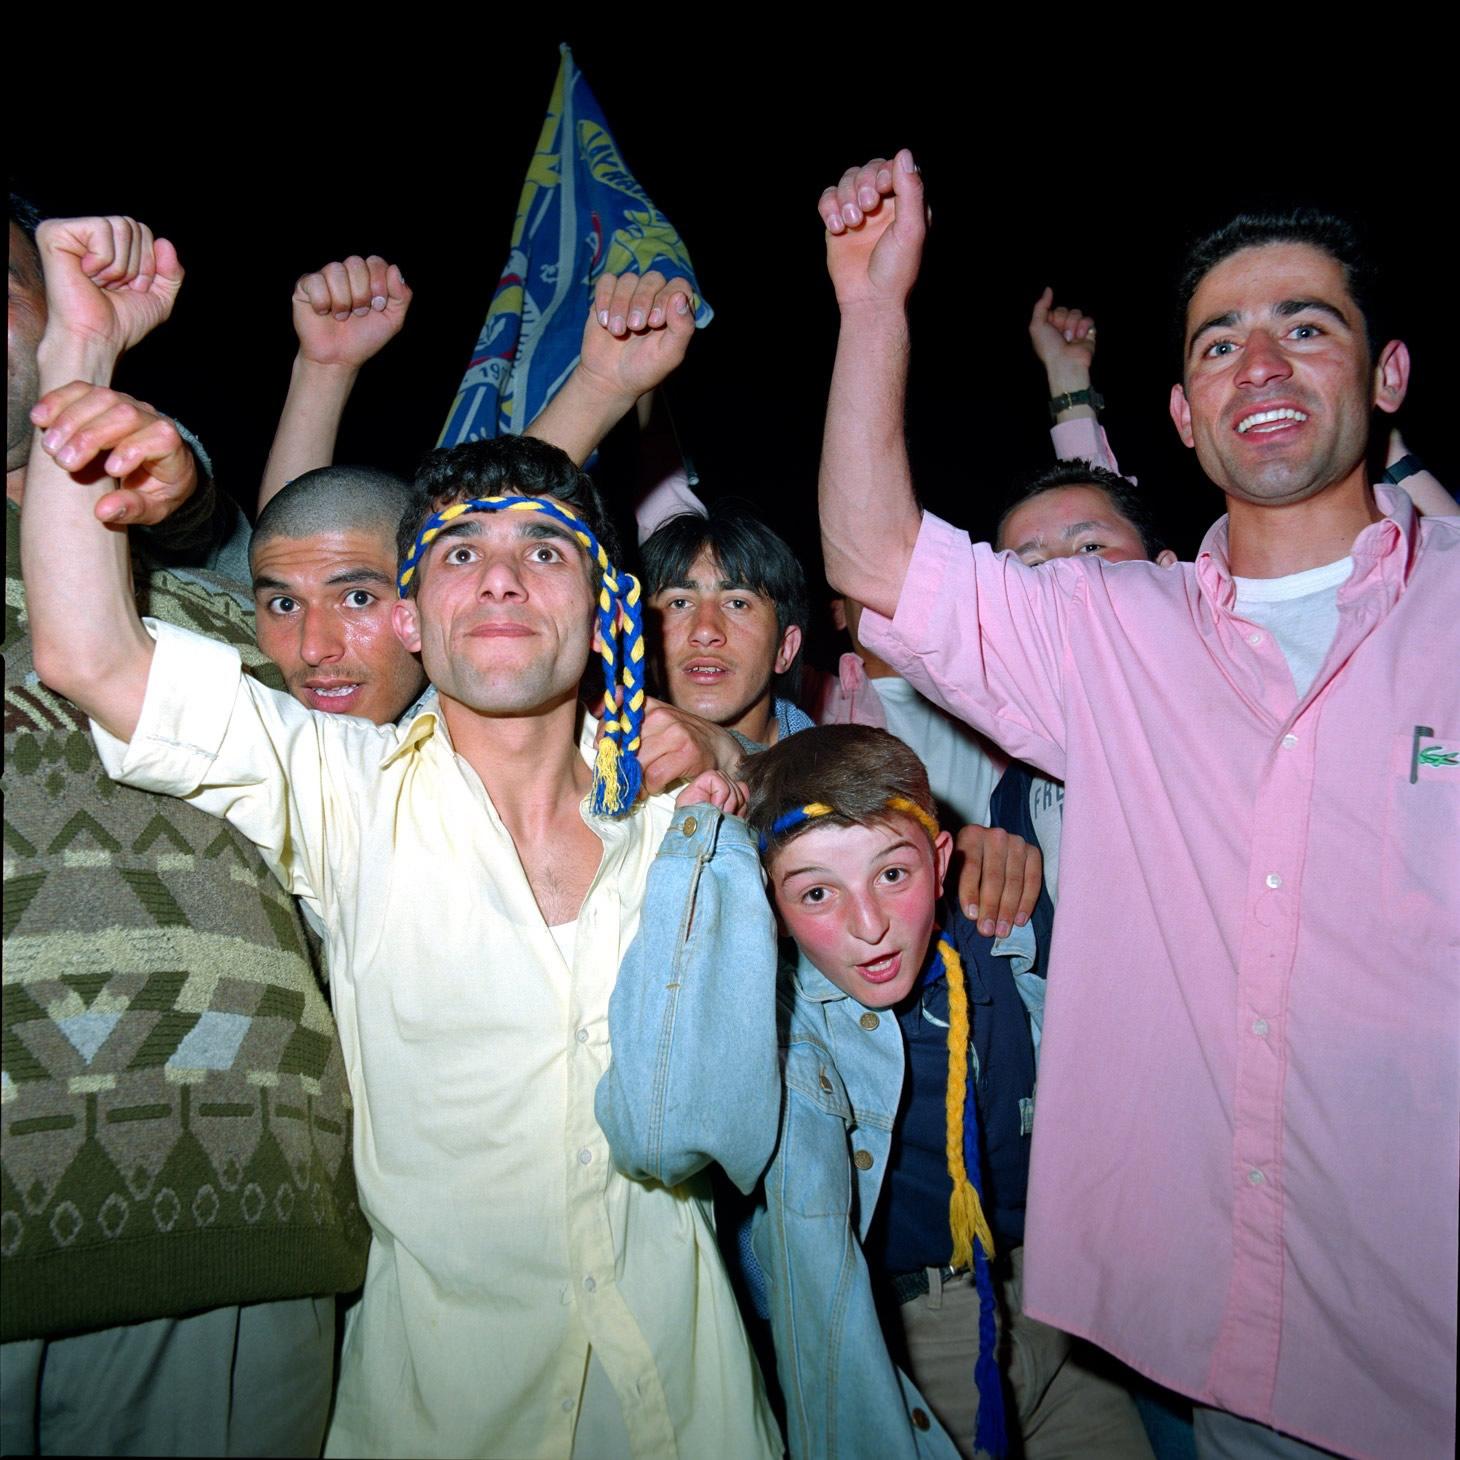 Fenerbahçe S.K. Turkish Süper Lig Champions 1996 F17